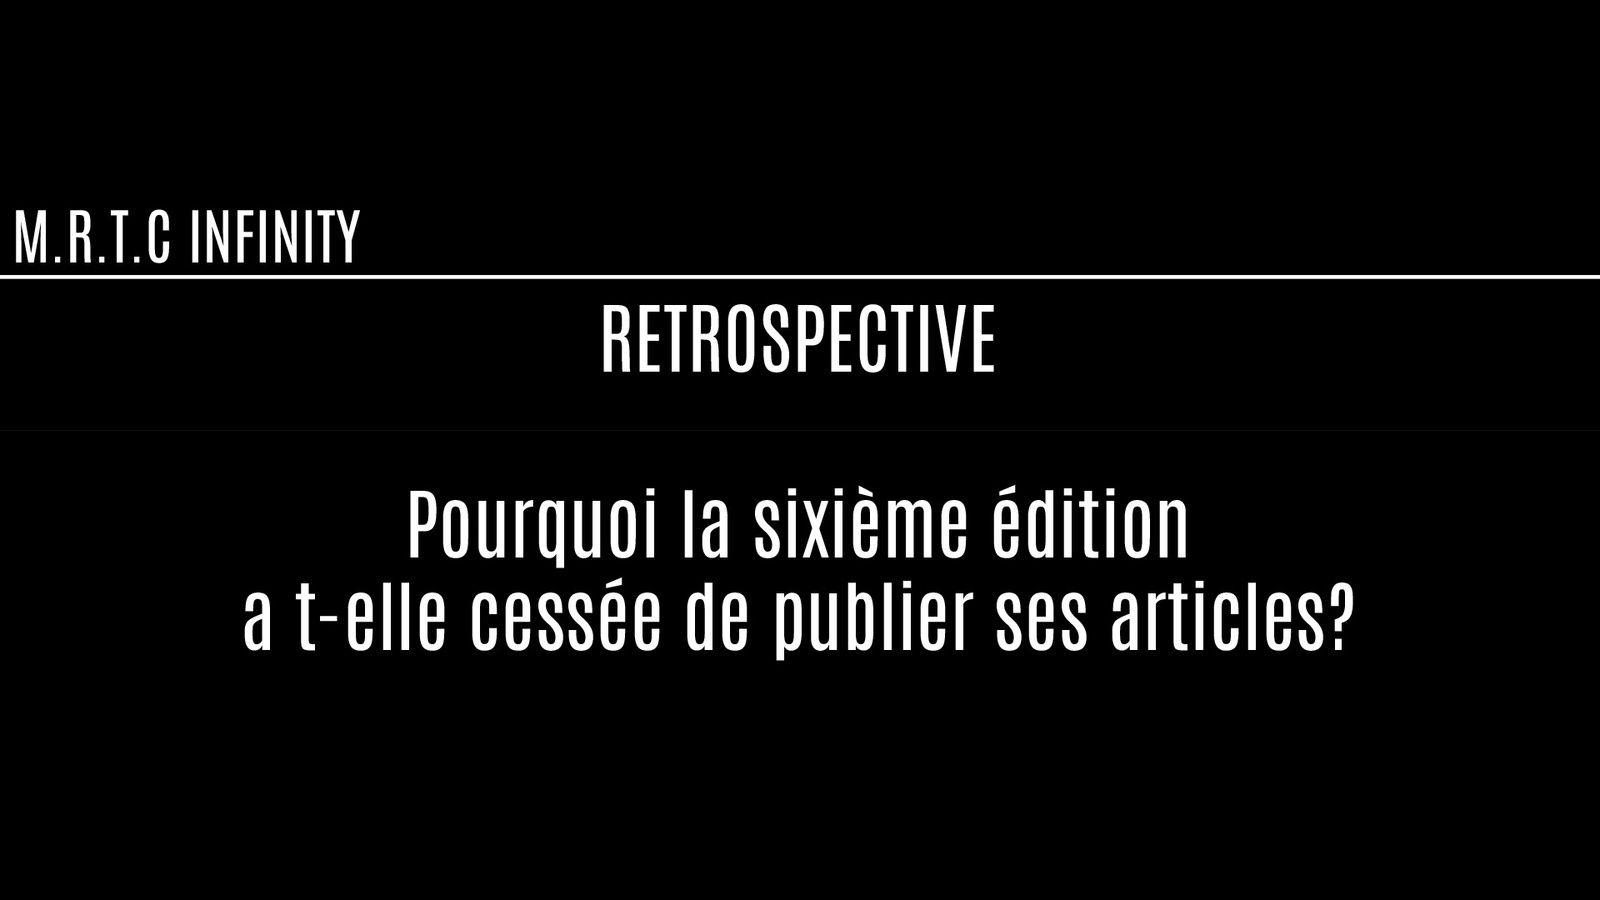 La Rétrospective : Pourquoi la sixième édition a t-elle cessée de publier ses articles?